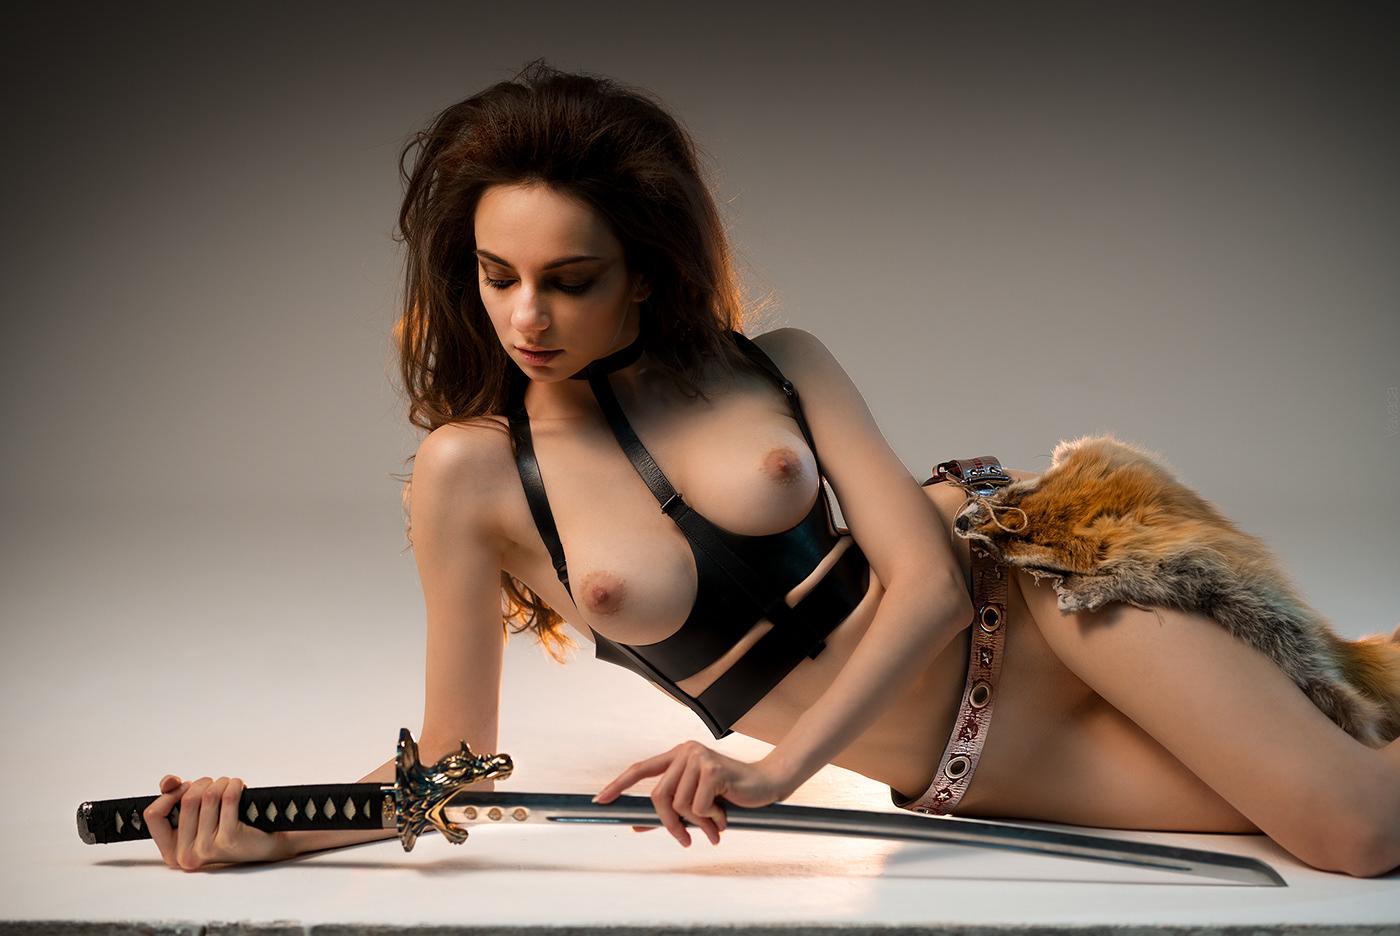 The Warrior * Model Margo Amp / фотограф Владимир Николаев